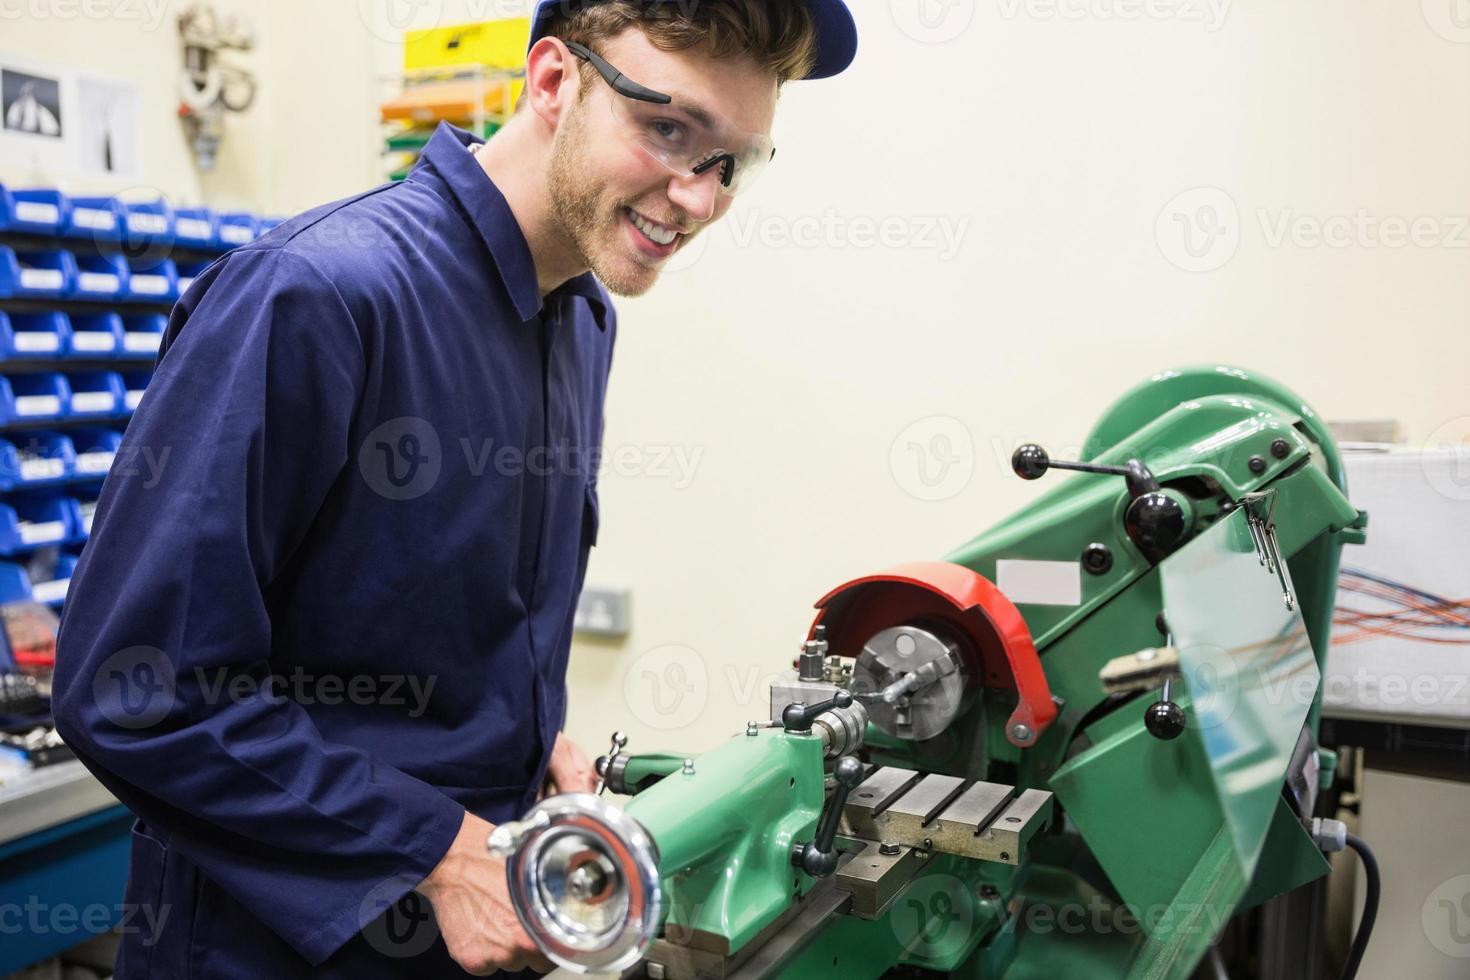 ingenjörsstudent som använder tunga maskiner foto